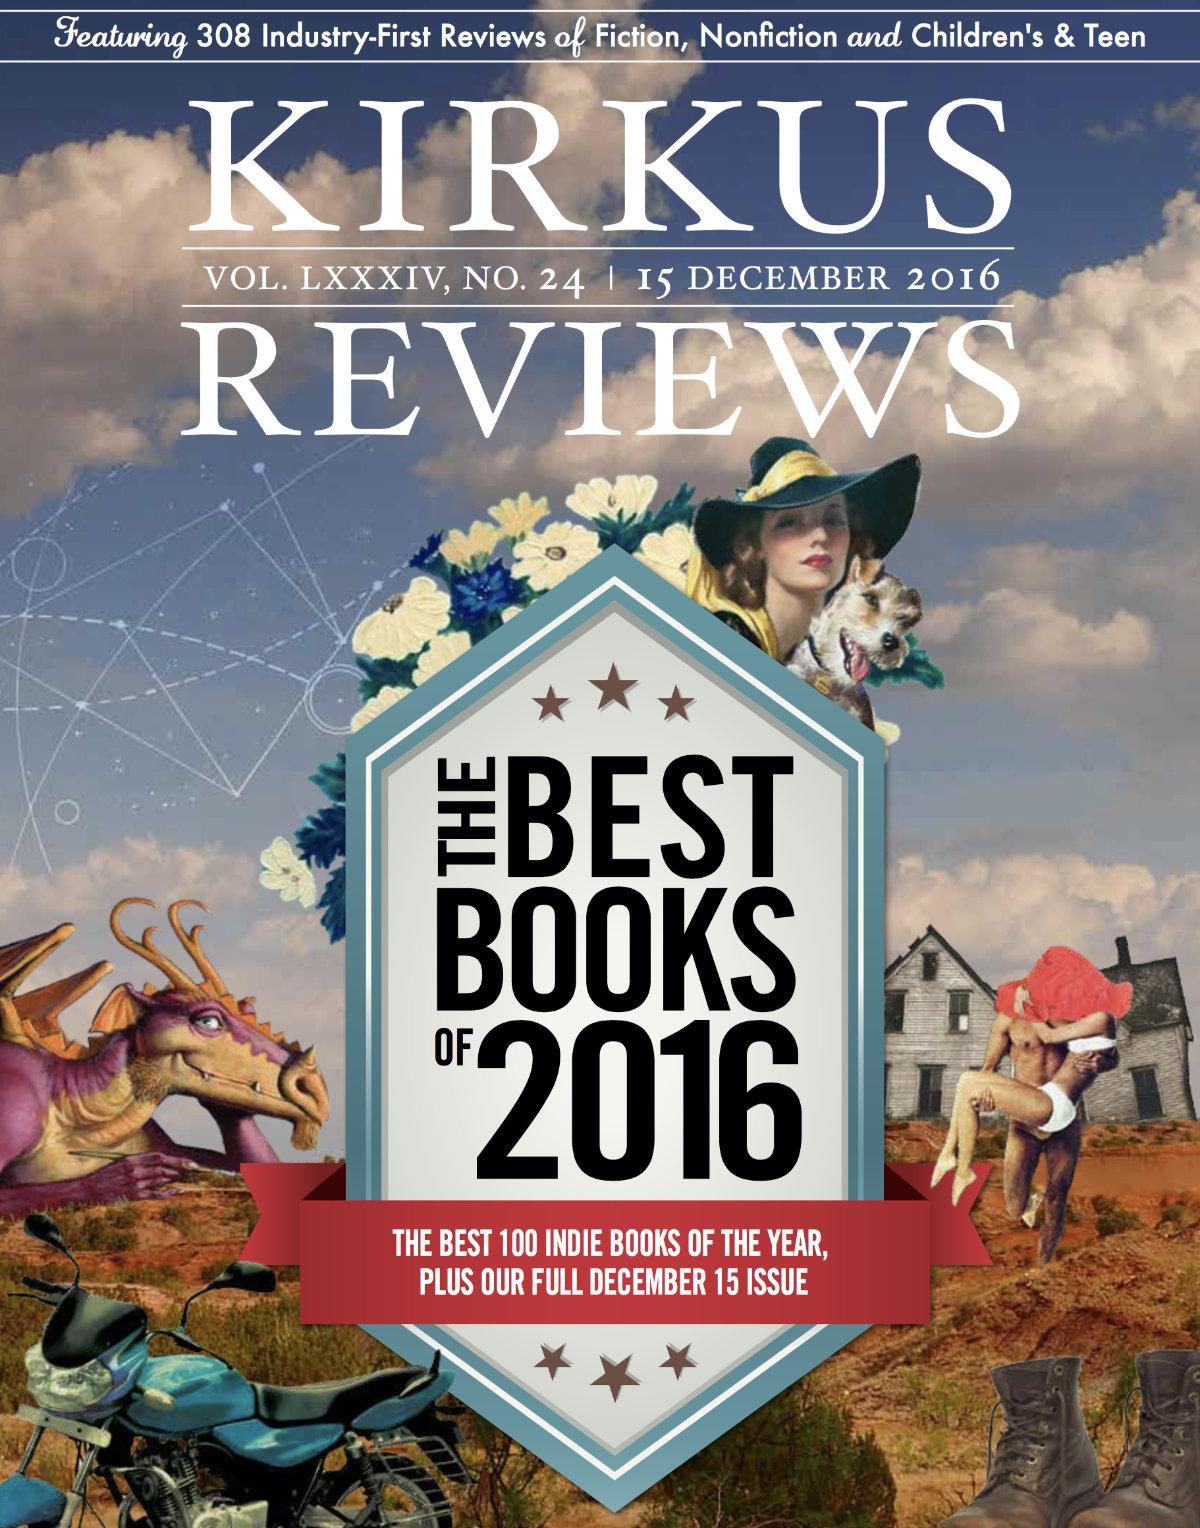 kirkus reviews best books of 2016   cathy byrd